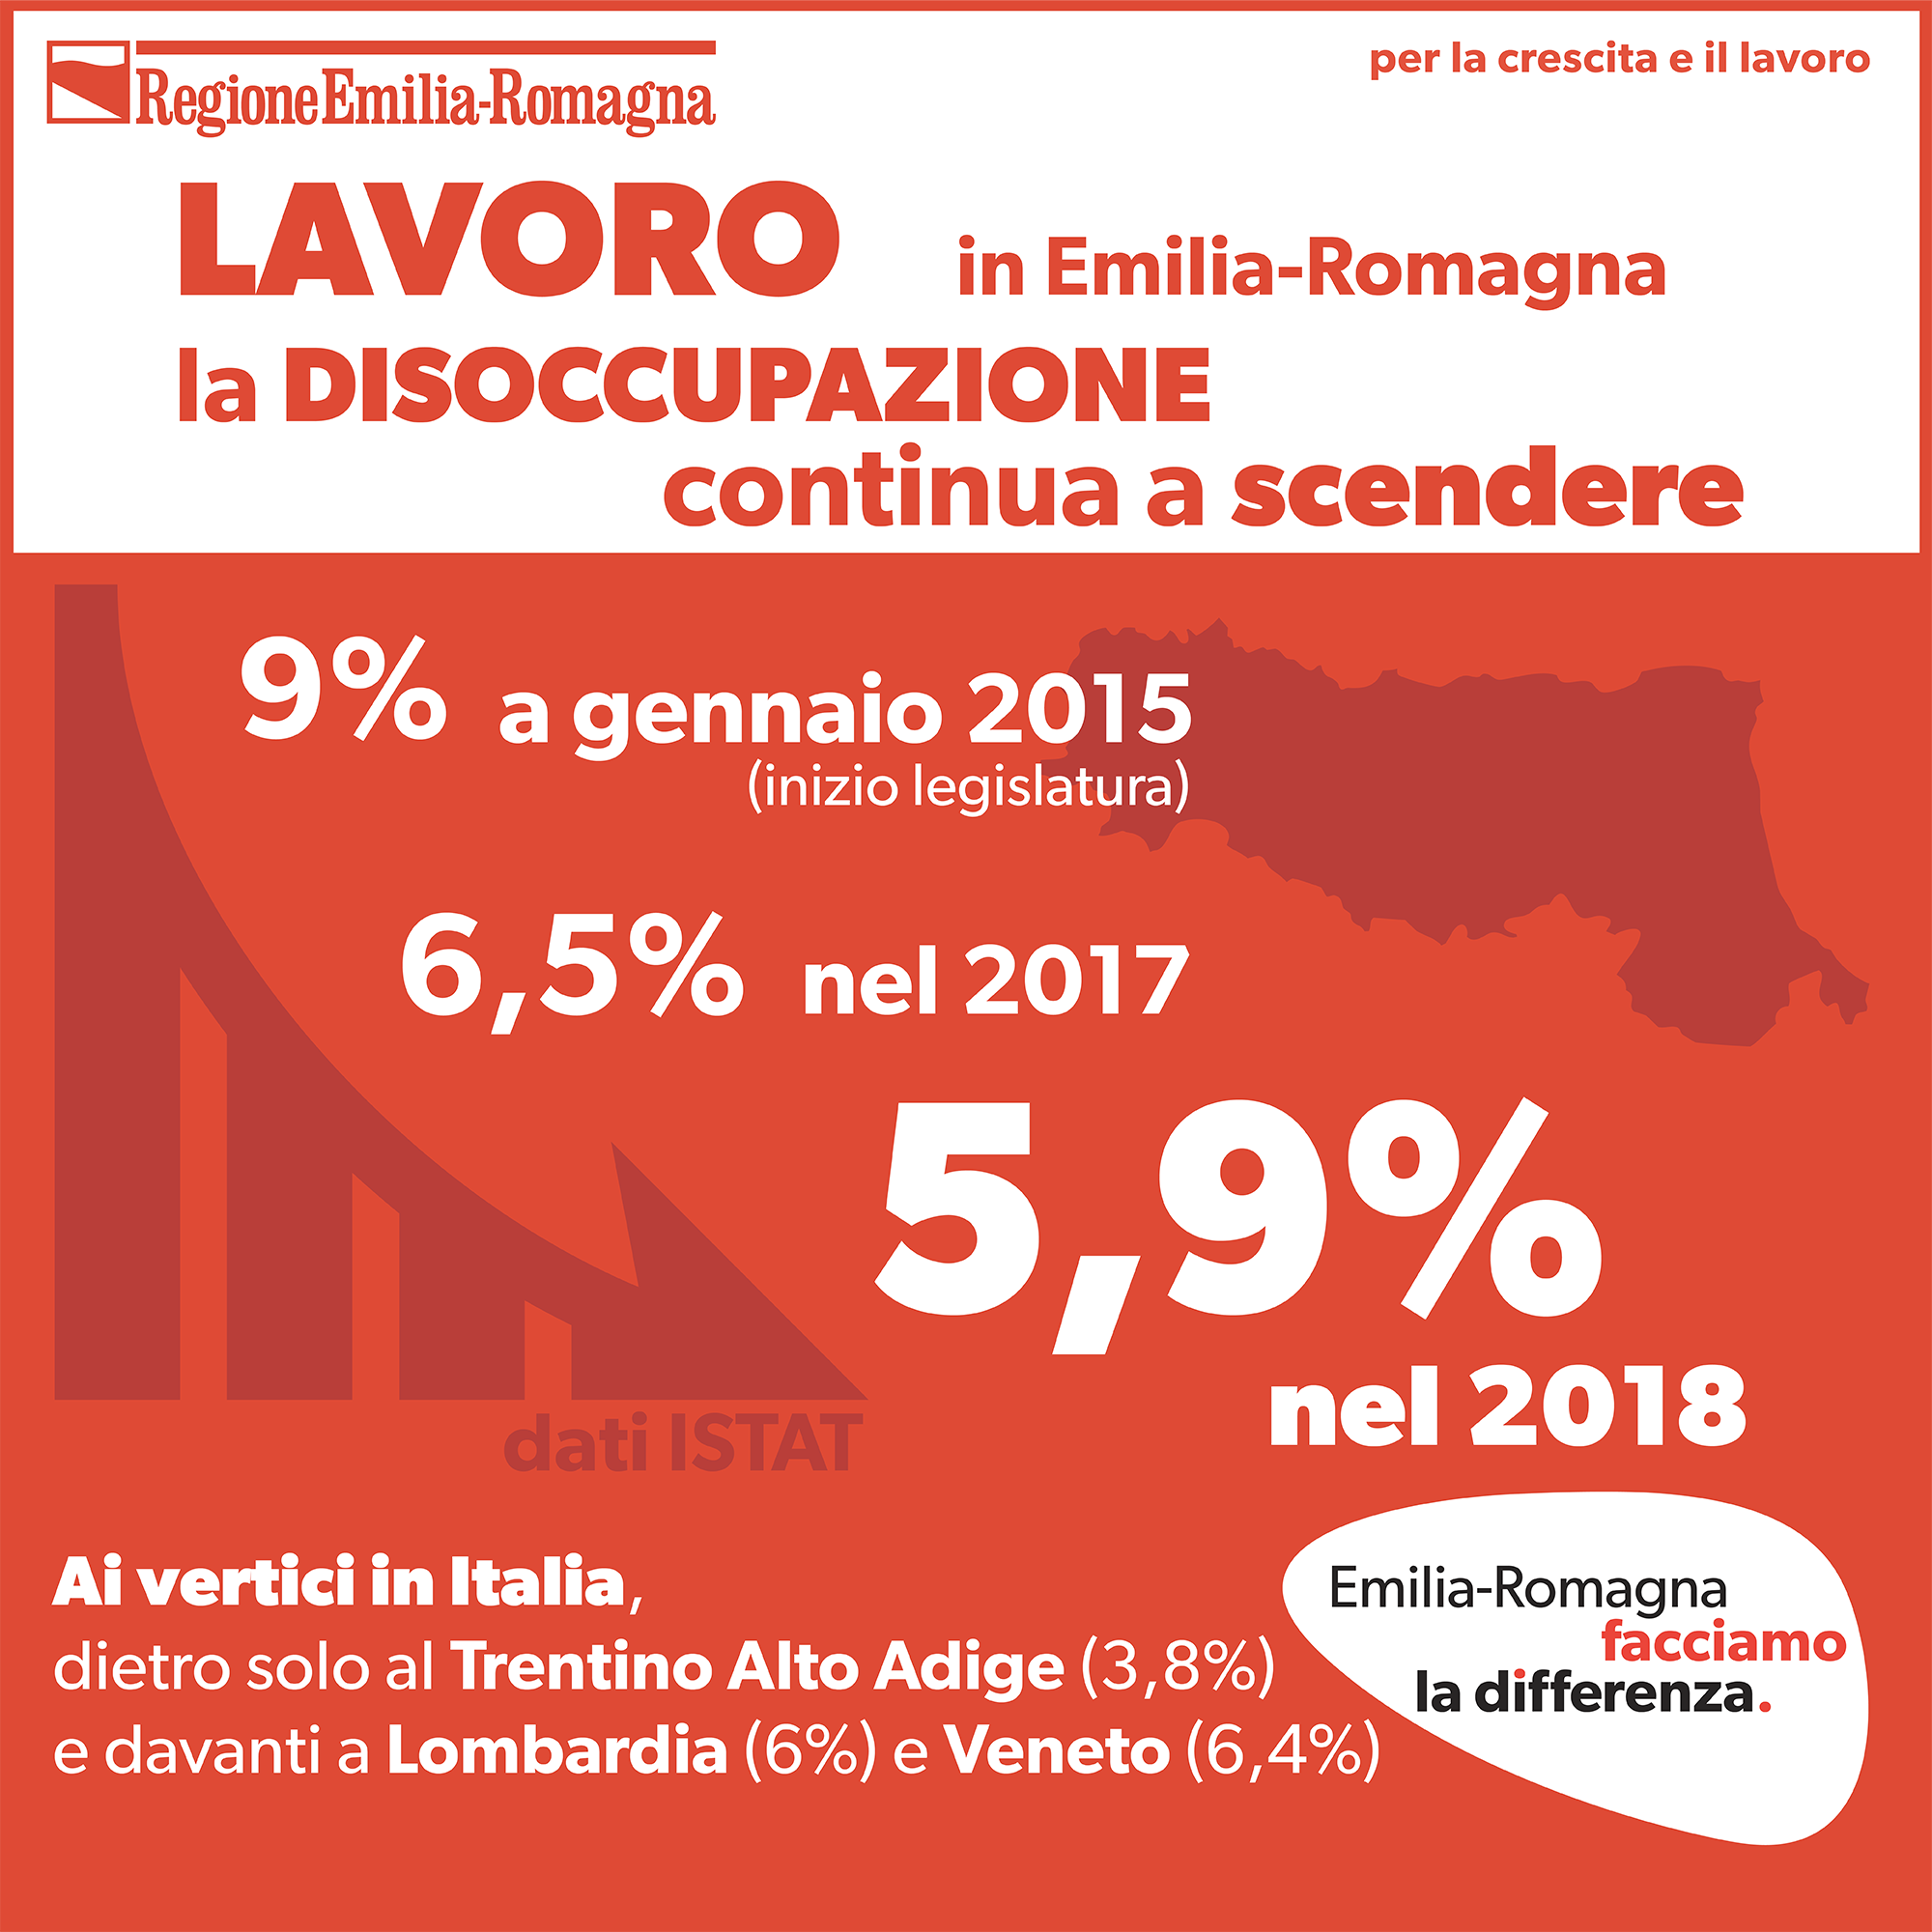 Disoccupazione, continua a scendere in Emilia-Romagna